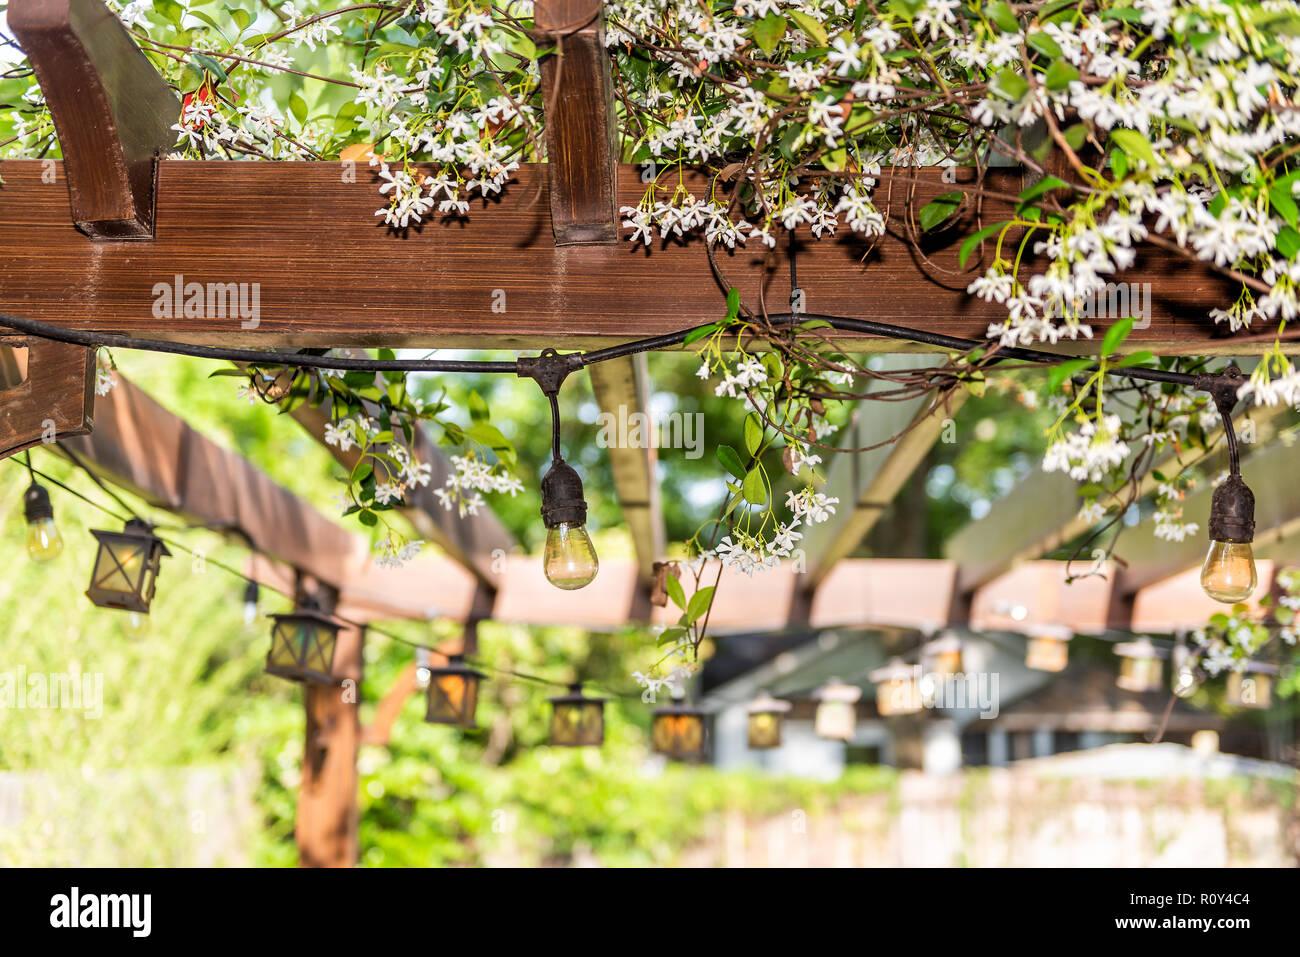 Lampade A Sospensione Allaperto : Vista dettagliata del patio all aperto molla bianco fiore giardino